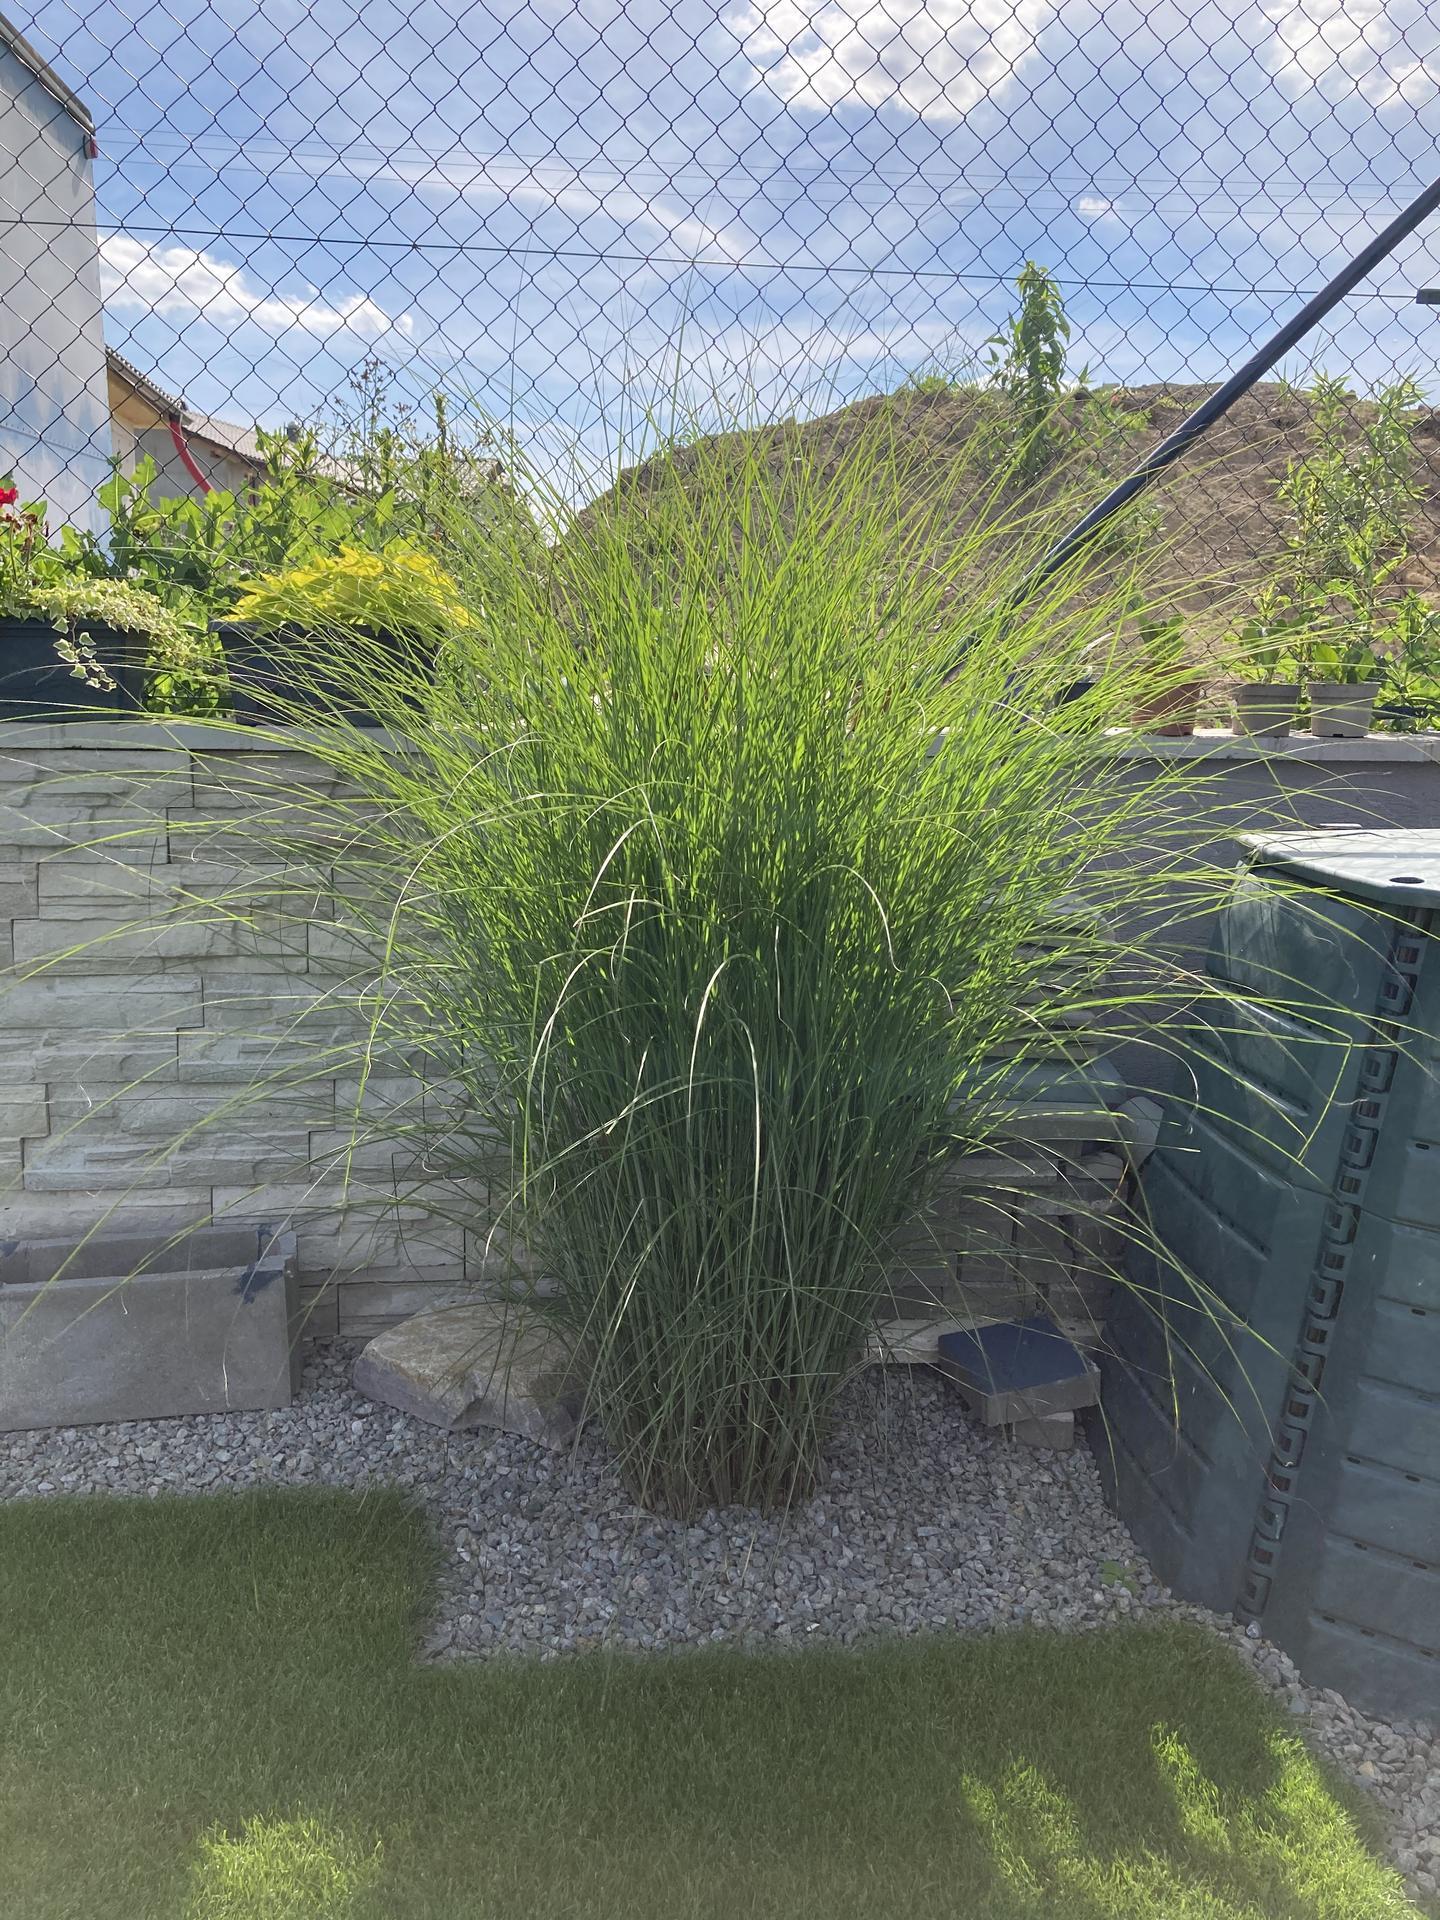 Naše 3 roky stará zahrada 🤩 - Obrázek č. 11